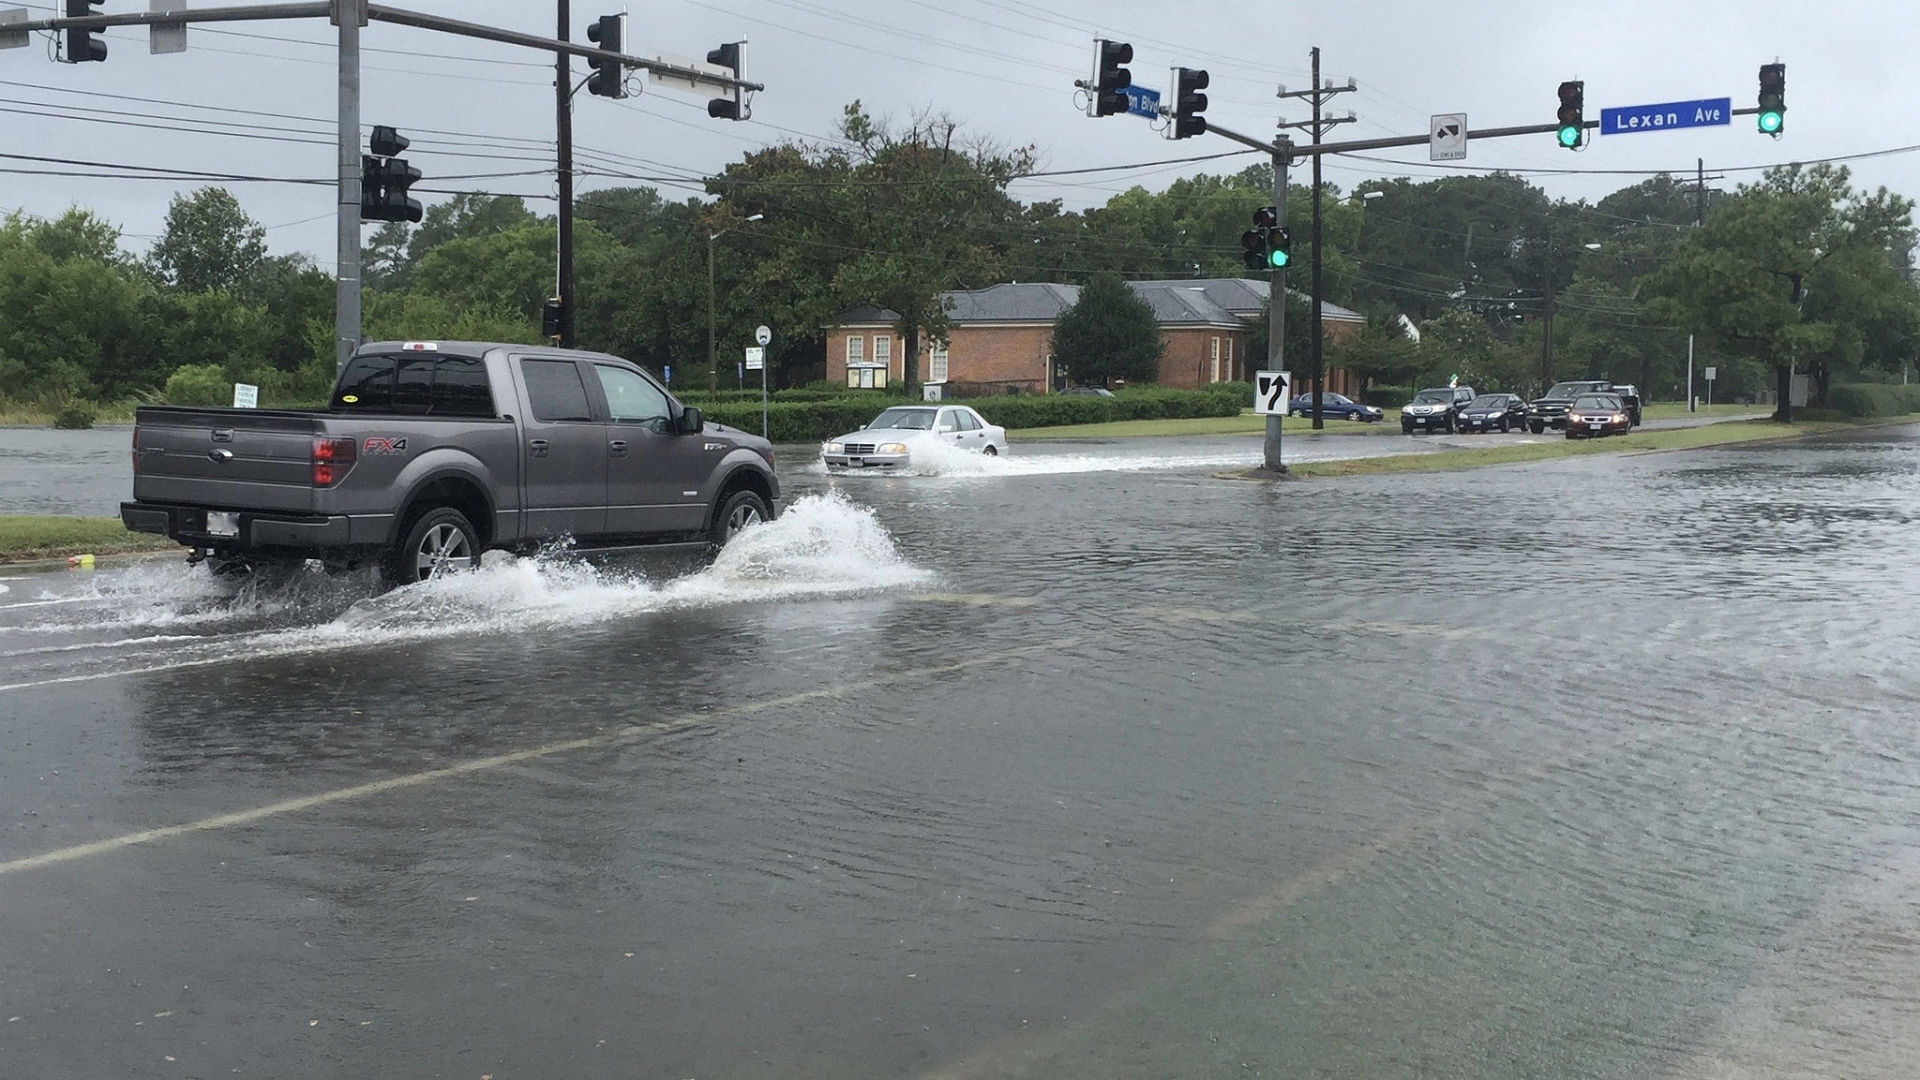 inundações nas ruas em Norfolk, VA